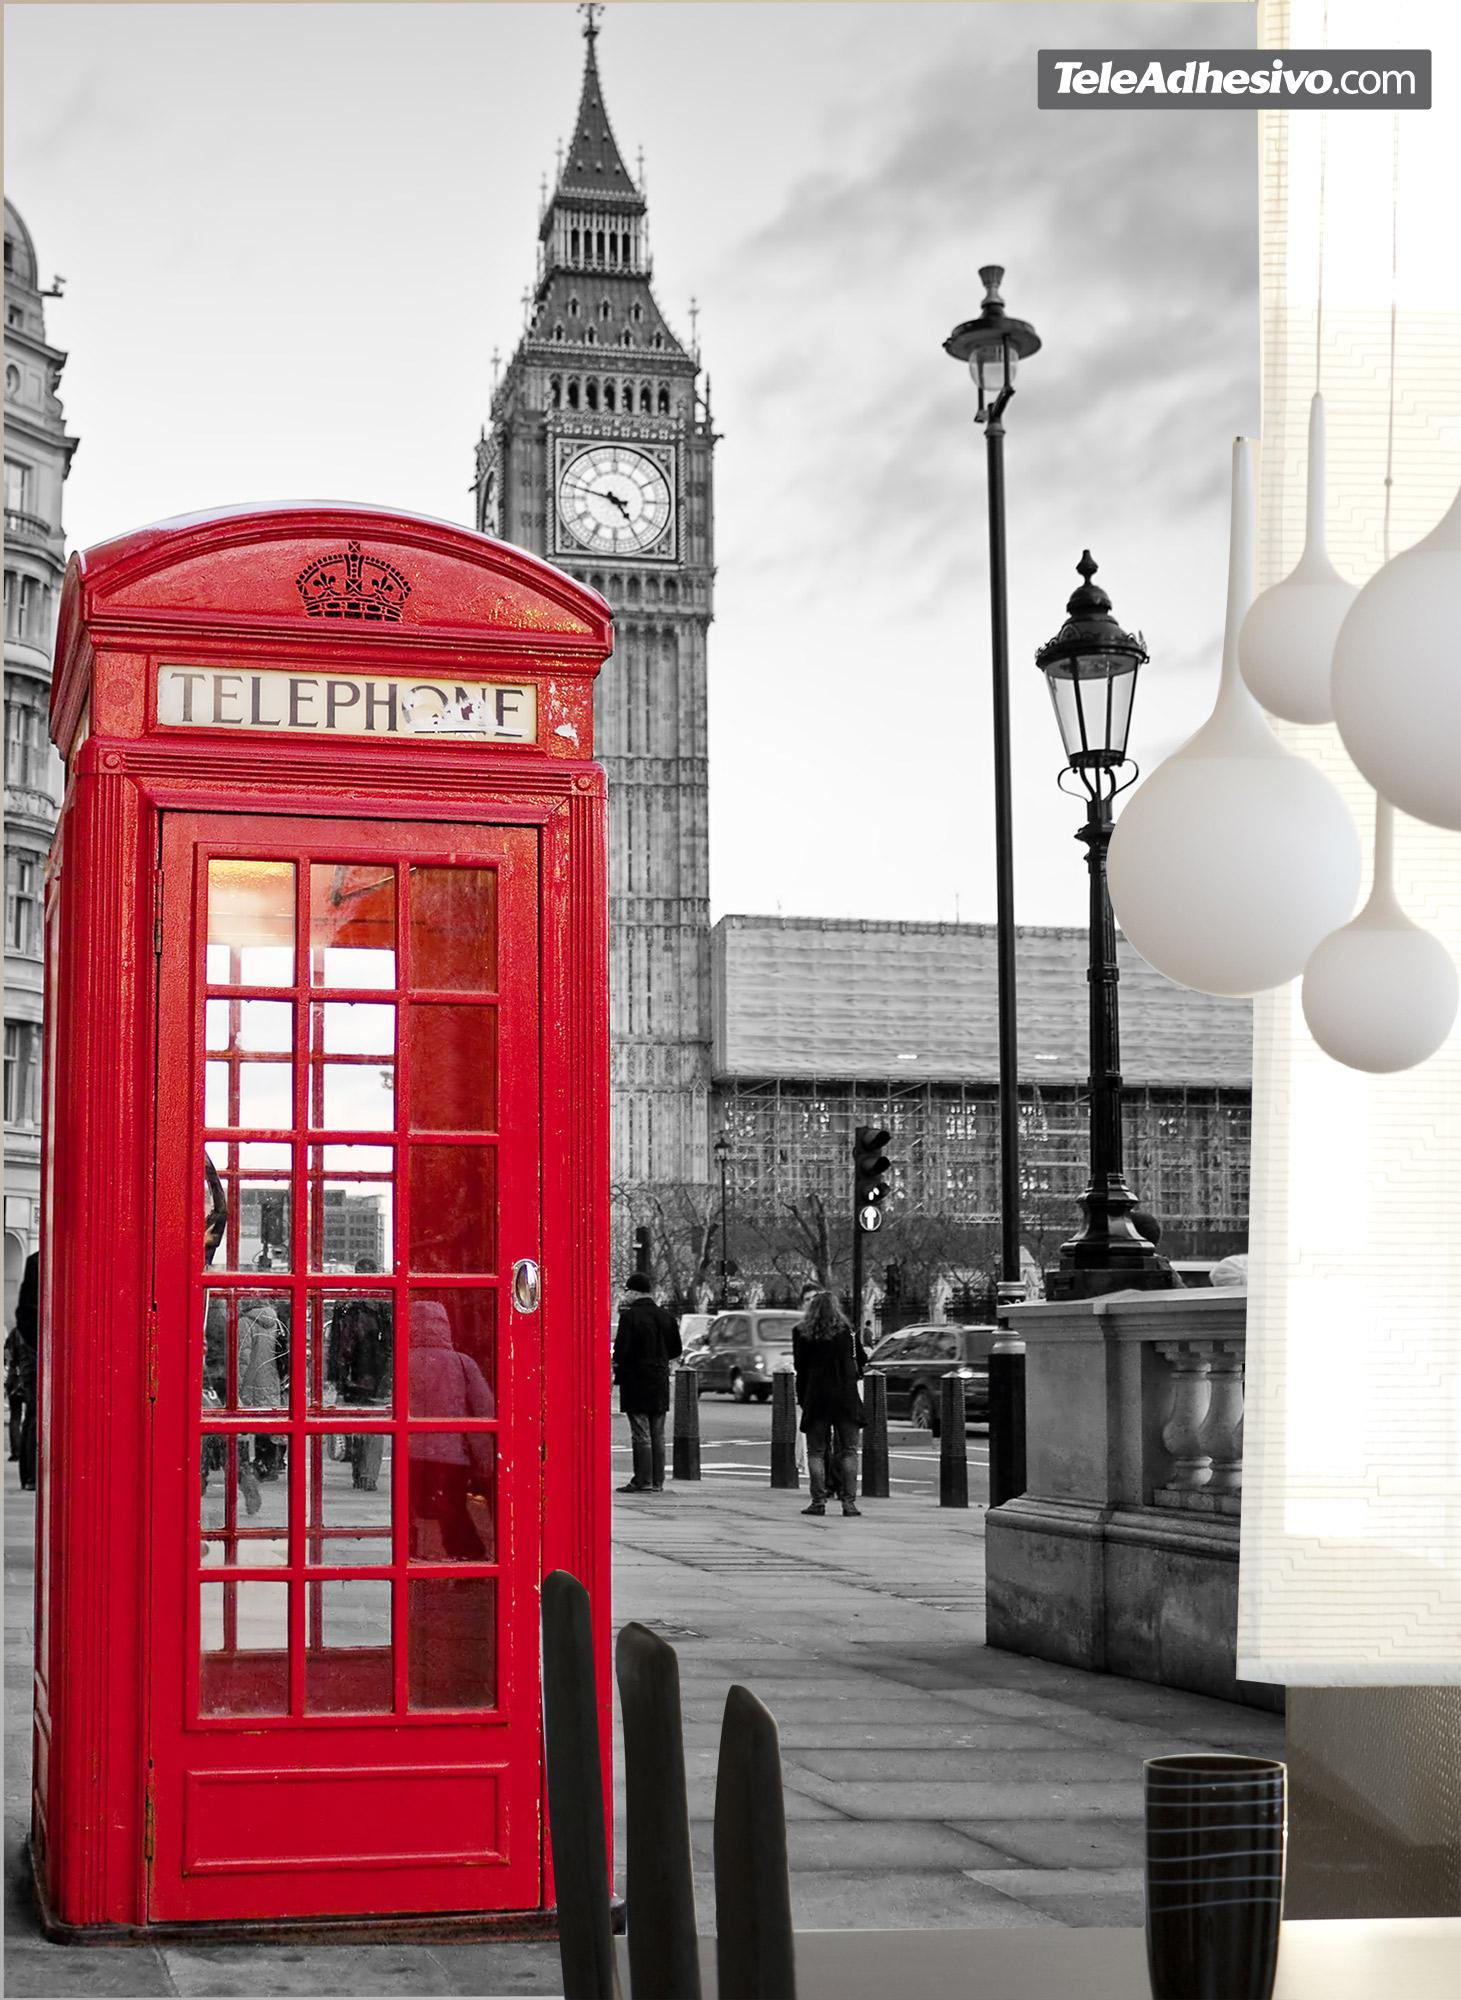 Vinilo adhesivo con la imagen de una cabina de teléfonos roja típica de Londres que es una de las ideas sobre cómo decorar un salón.